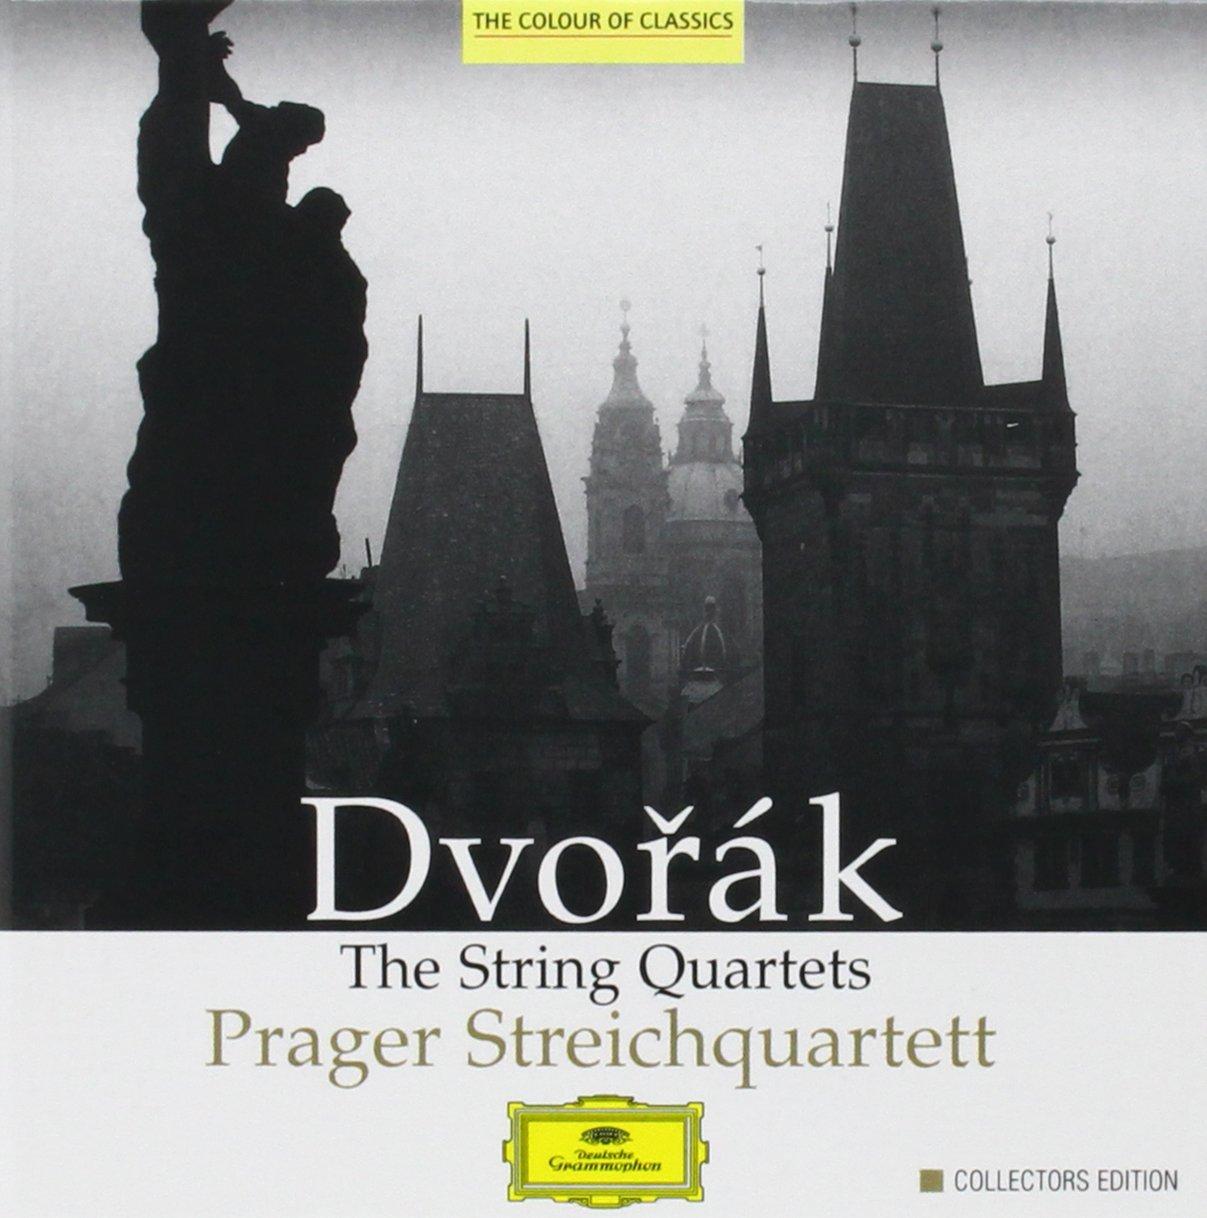 Dvorak: The String Quartets